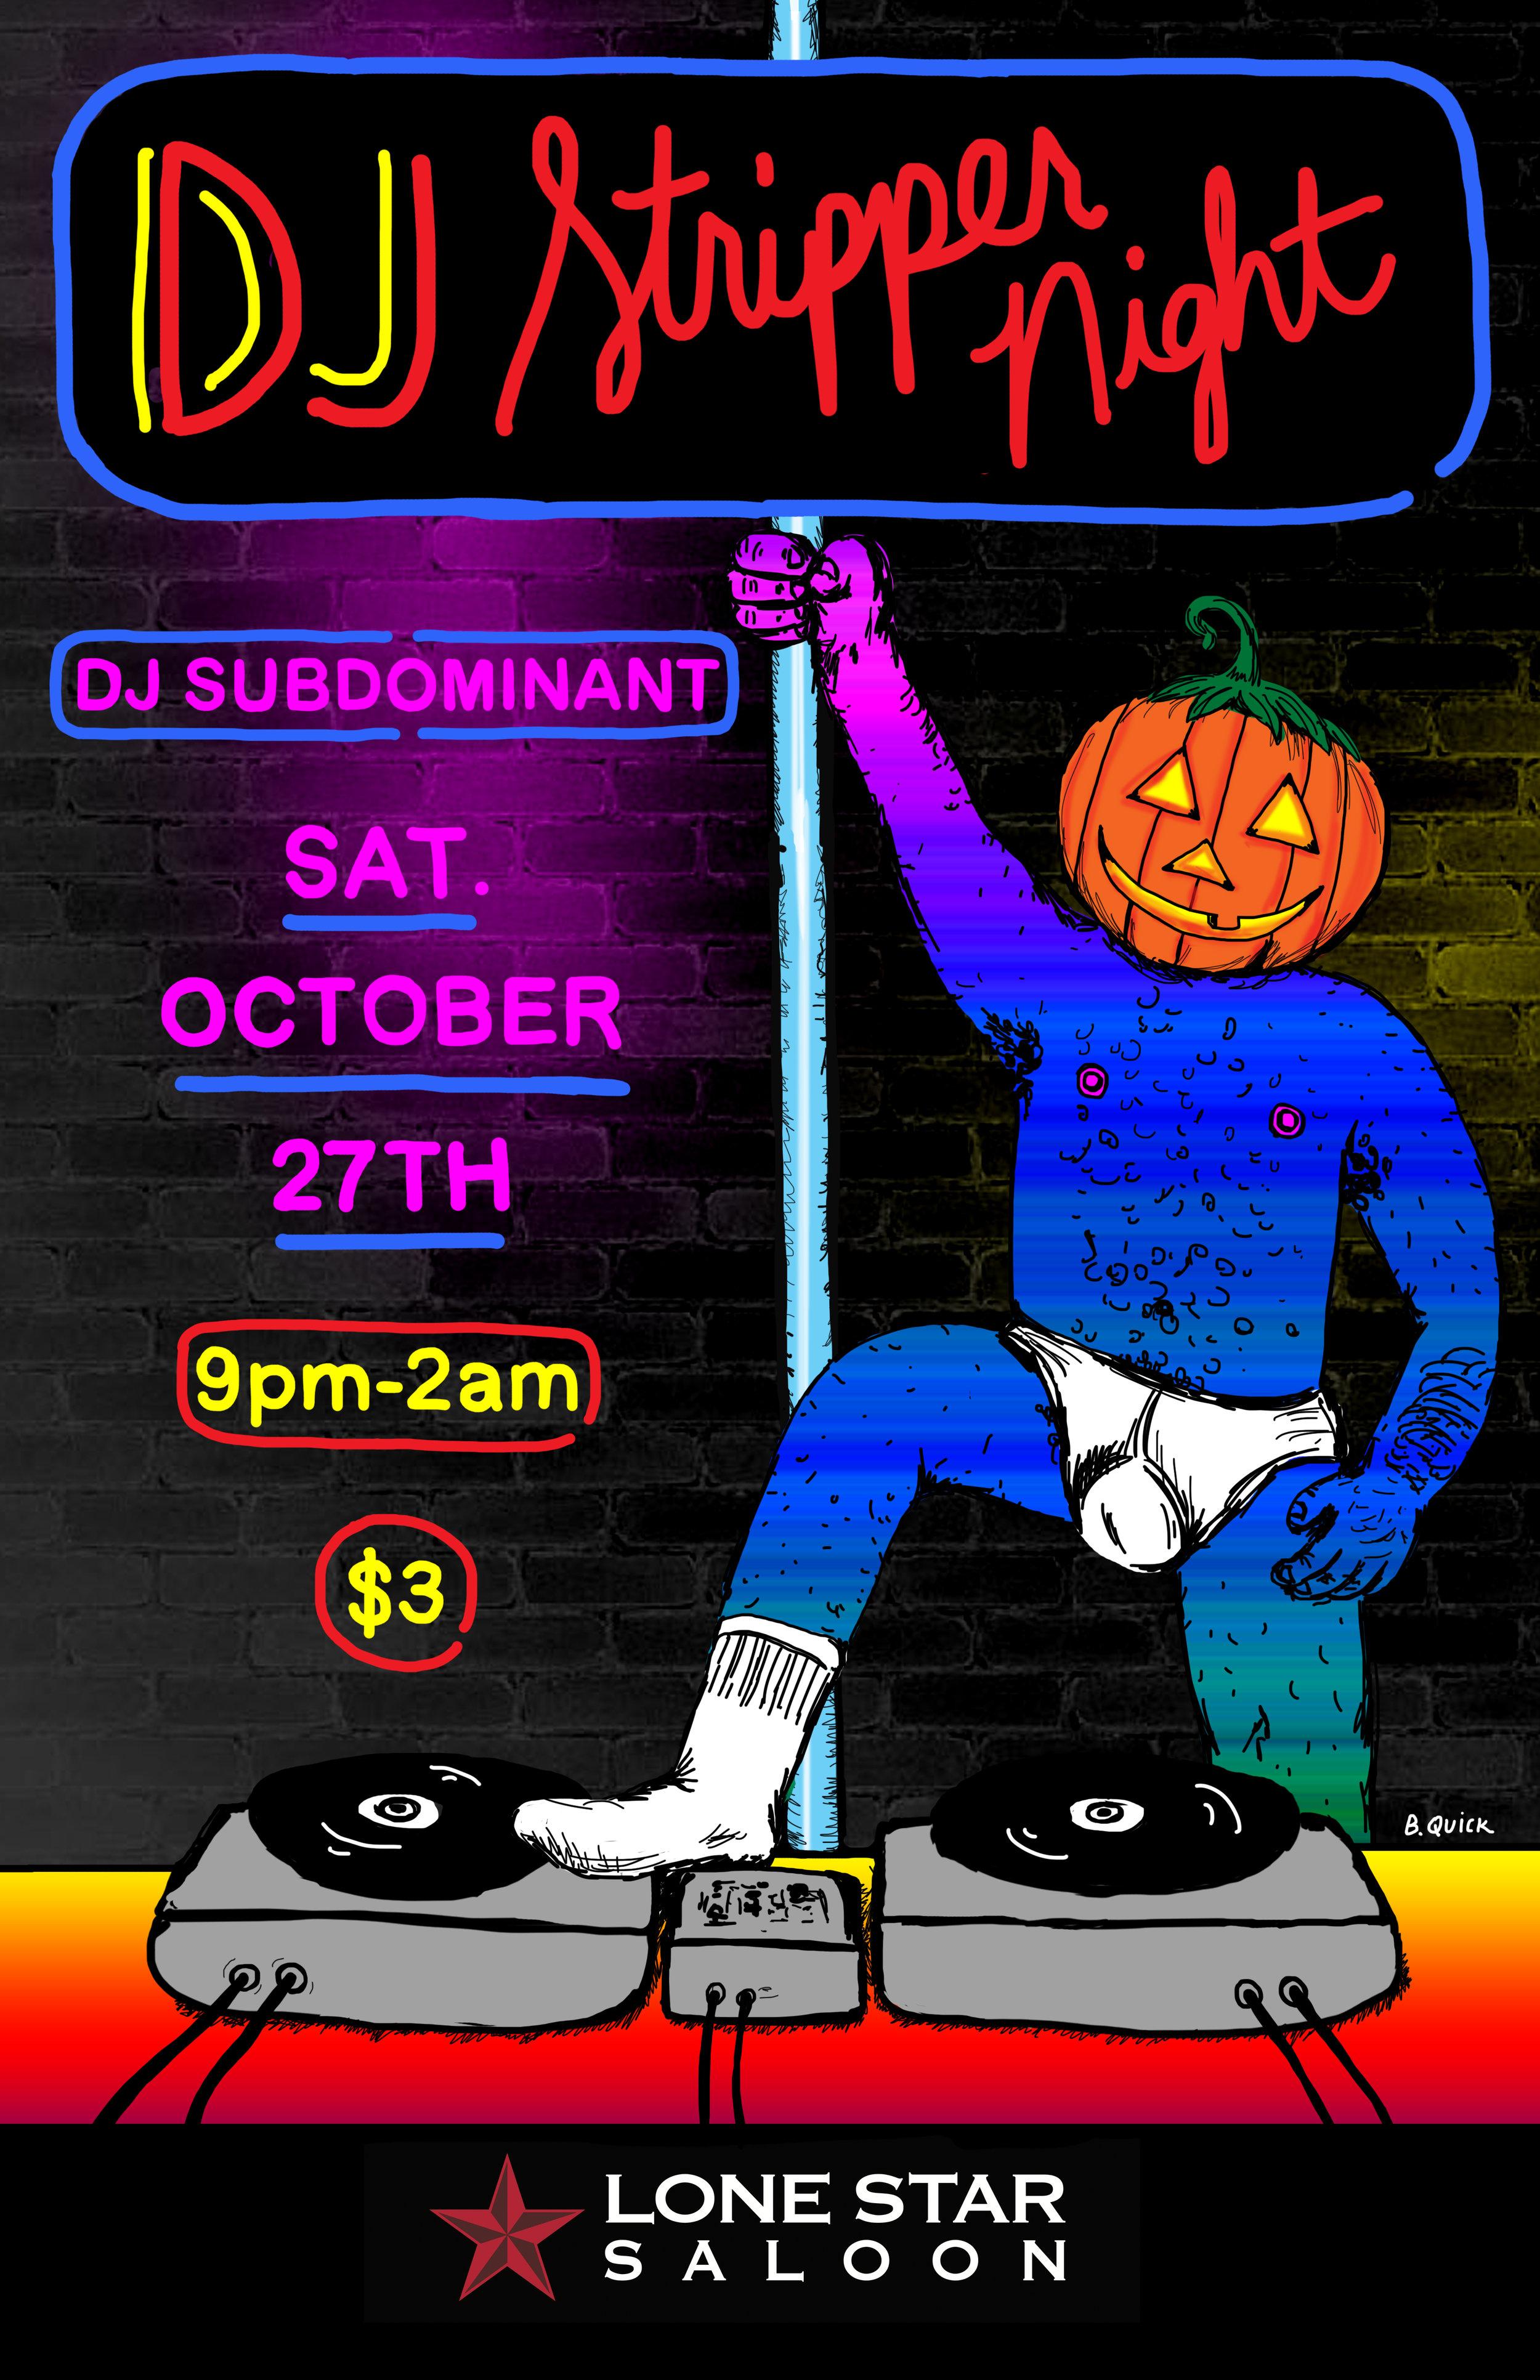 DJstrippernight_October (1).jpg